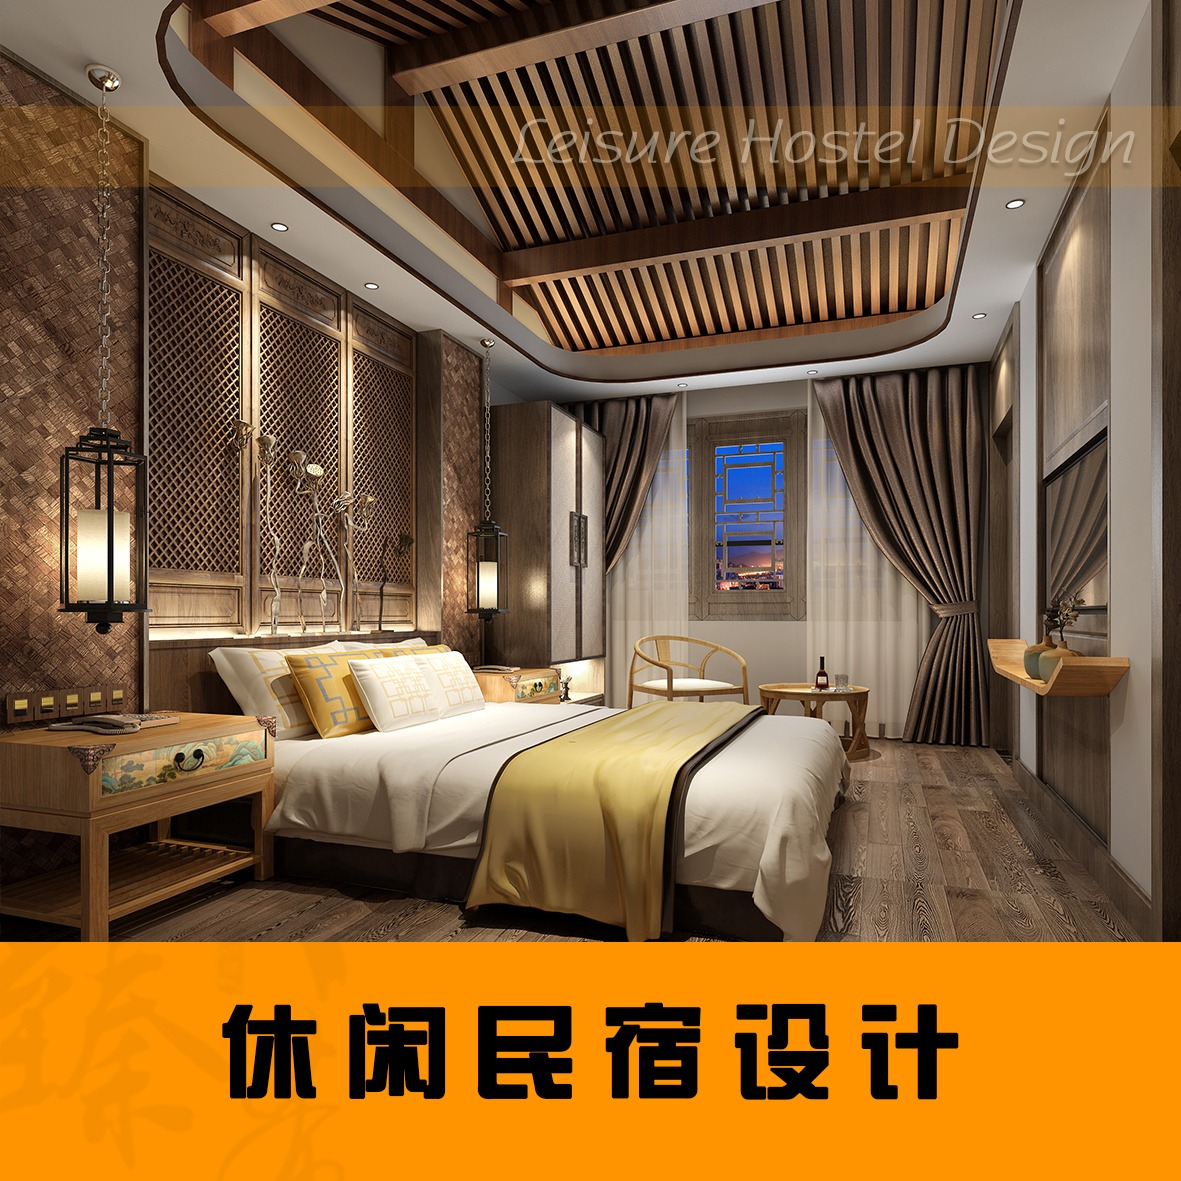 休闲娱乐会所设计民宿酒店设计主题特色酒店效果图设计